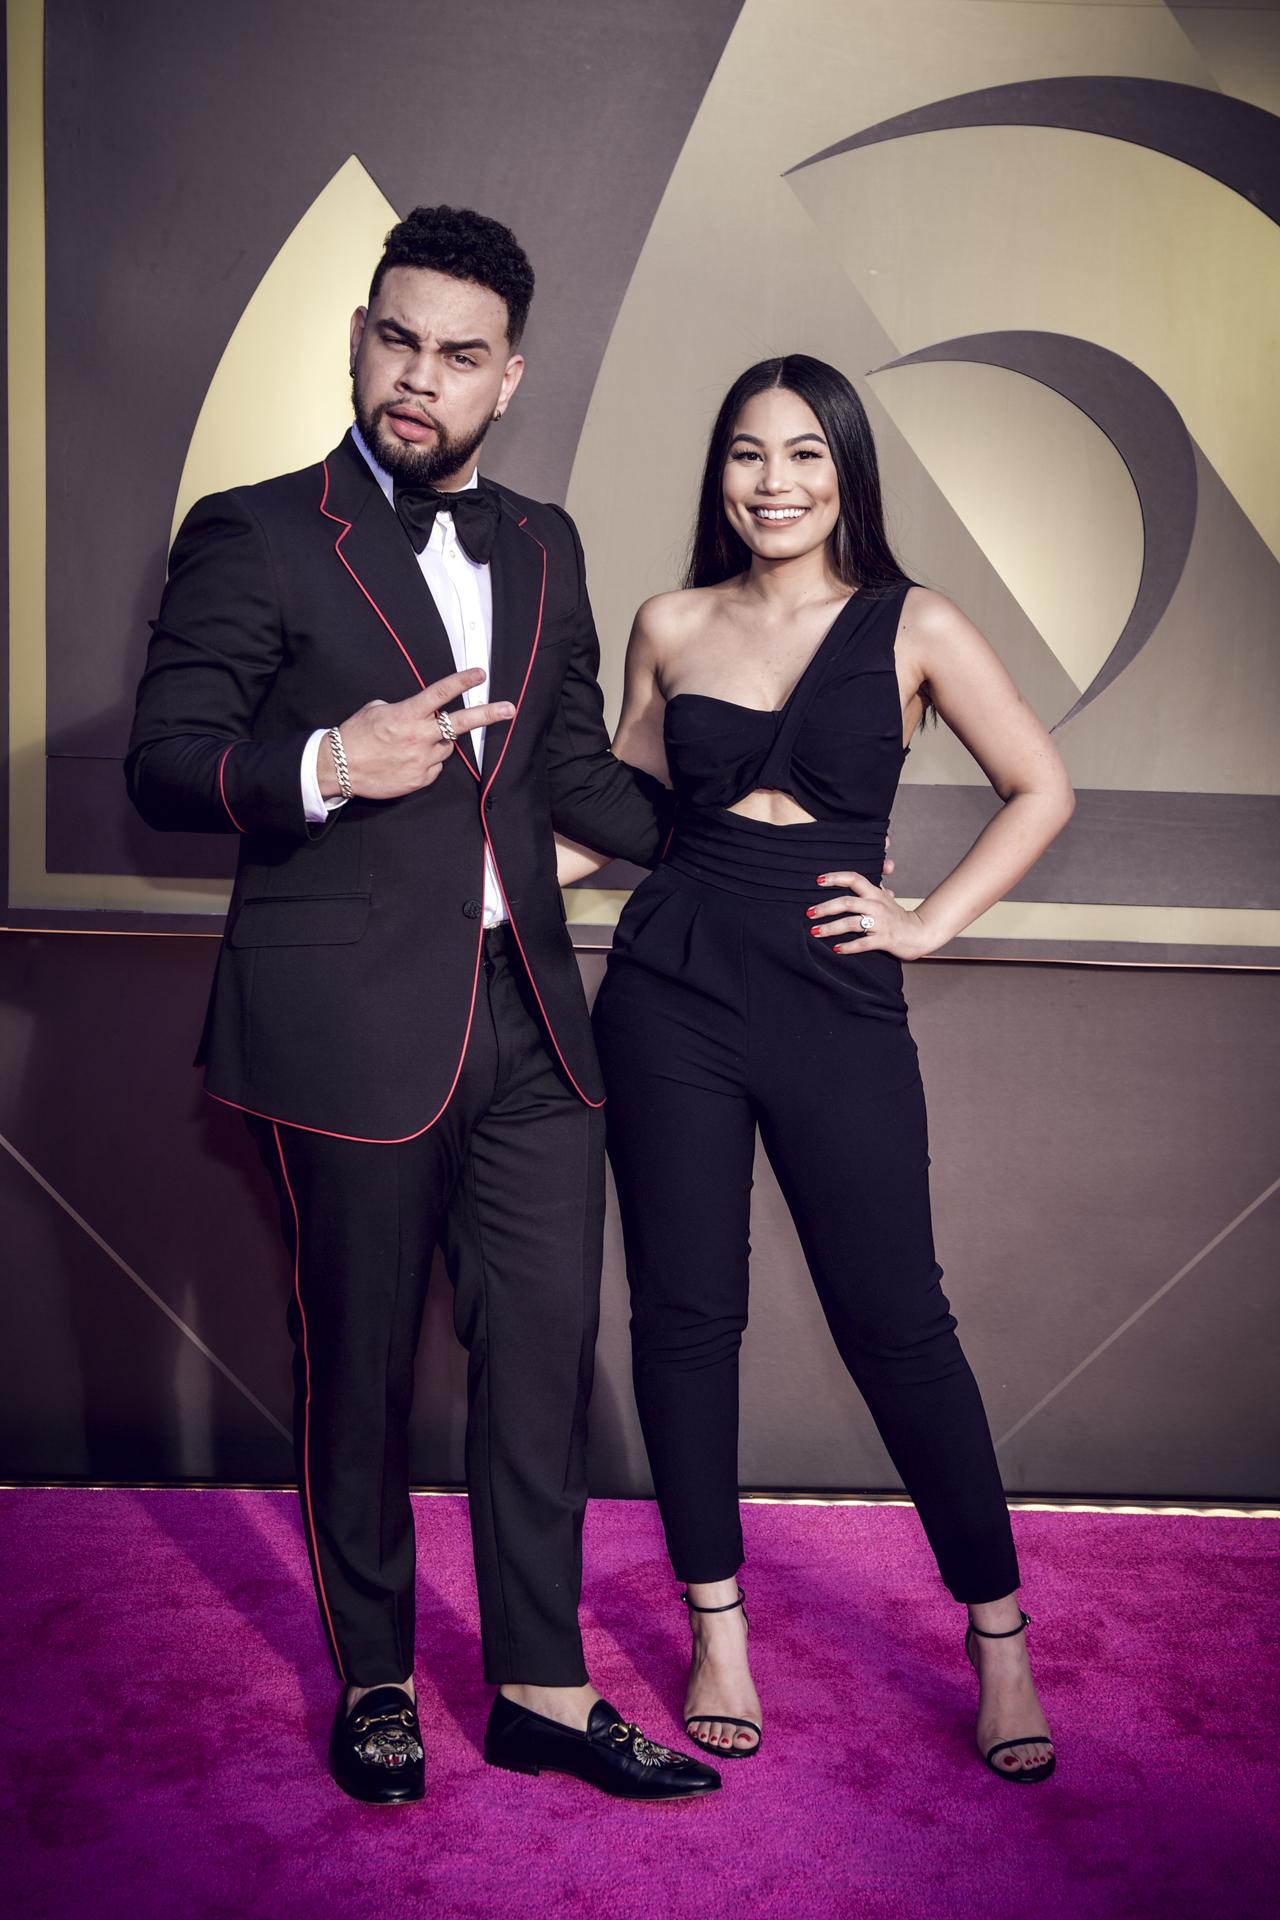 El influencer dominico-boricua Lejuan James y su novia Camila Colón. (Suministrada/ Univision)